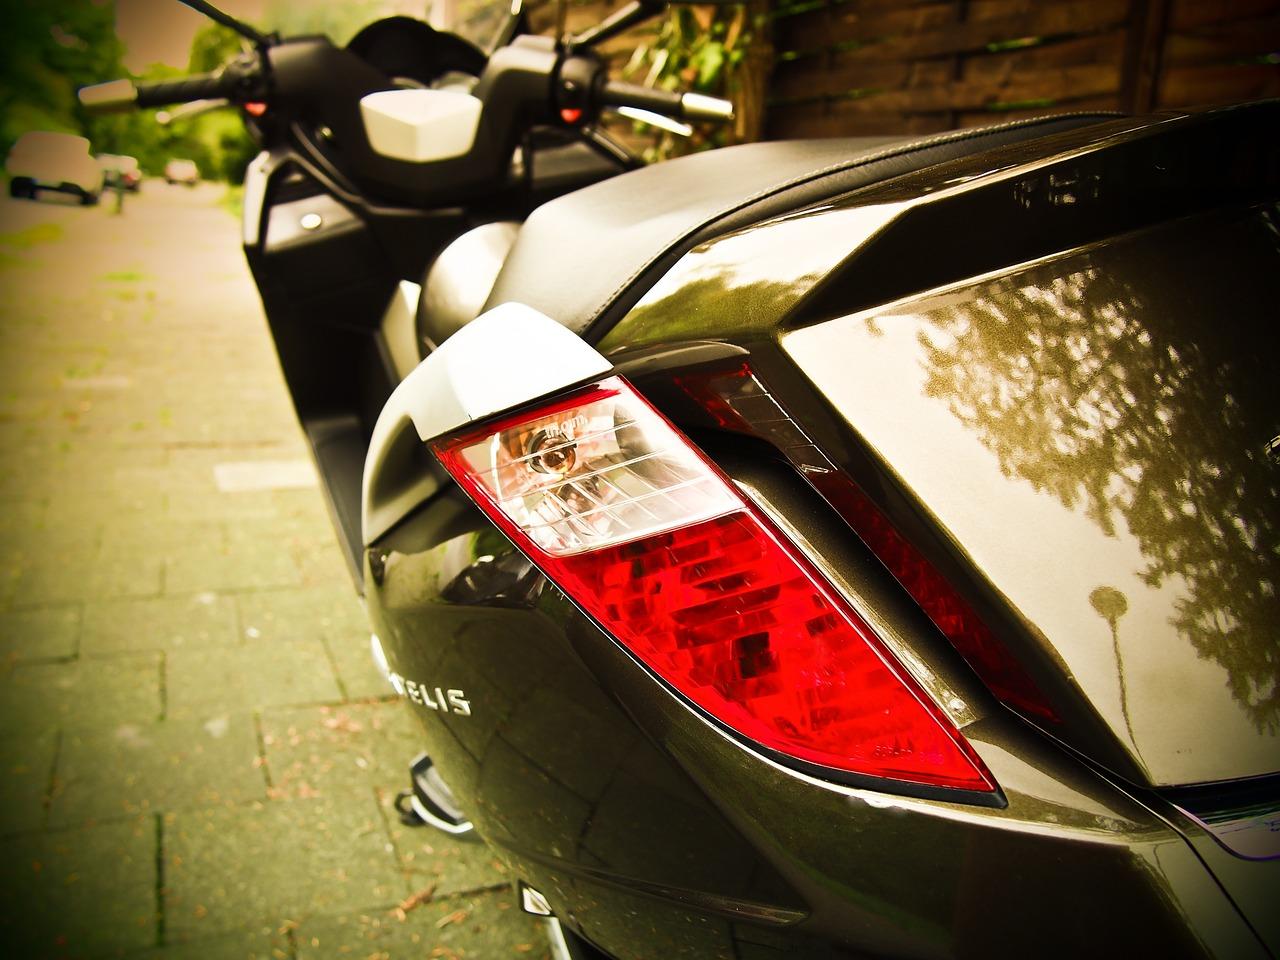 Motorroller auf einer Straße